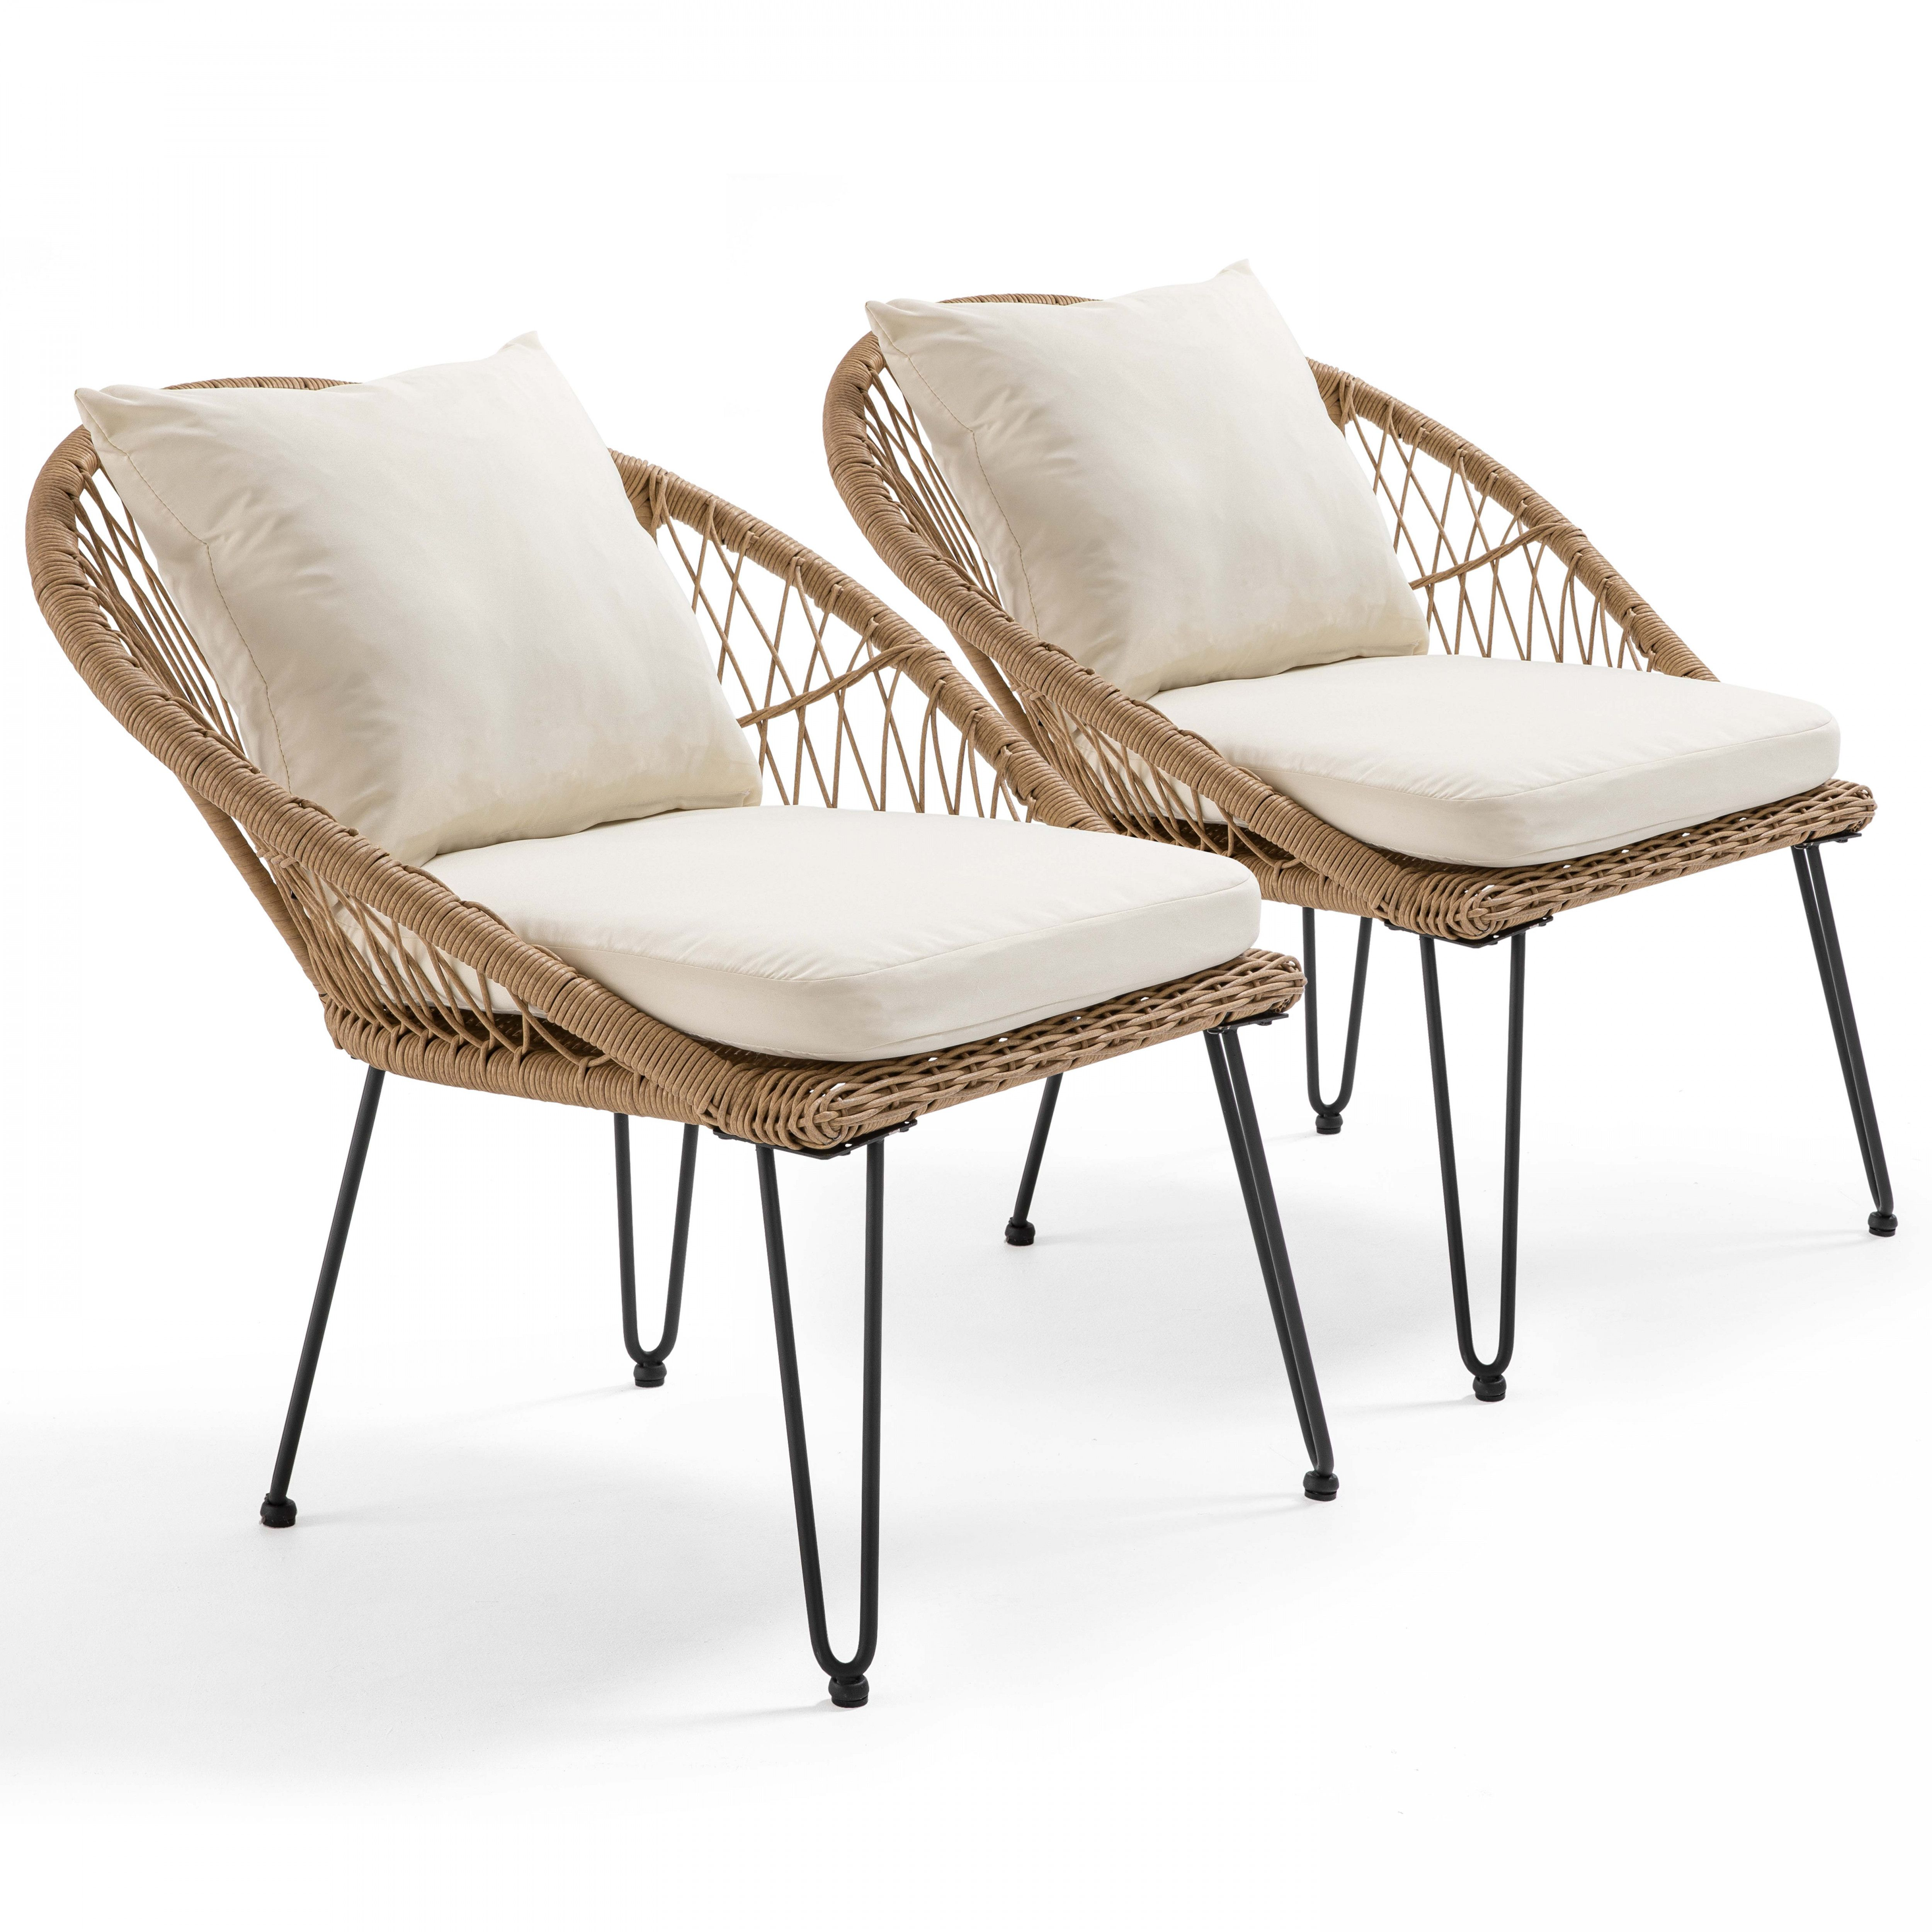 Lot de 2 fauteuils rotin synthétique naturel